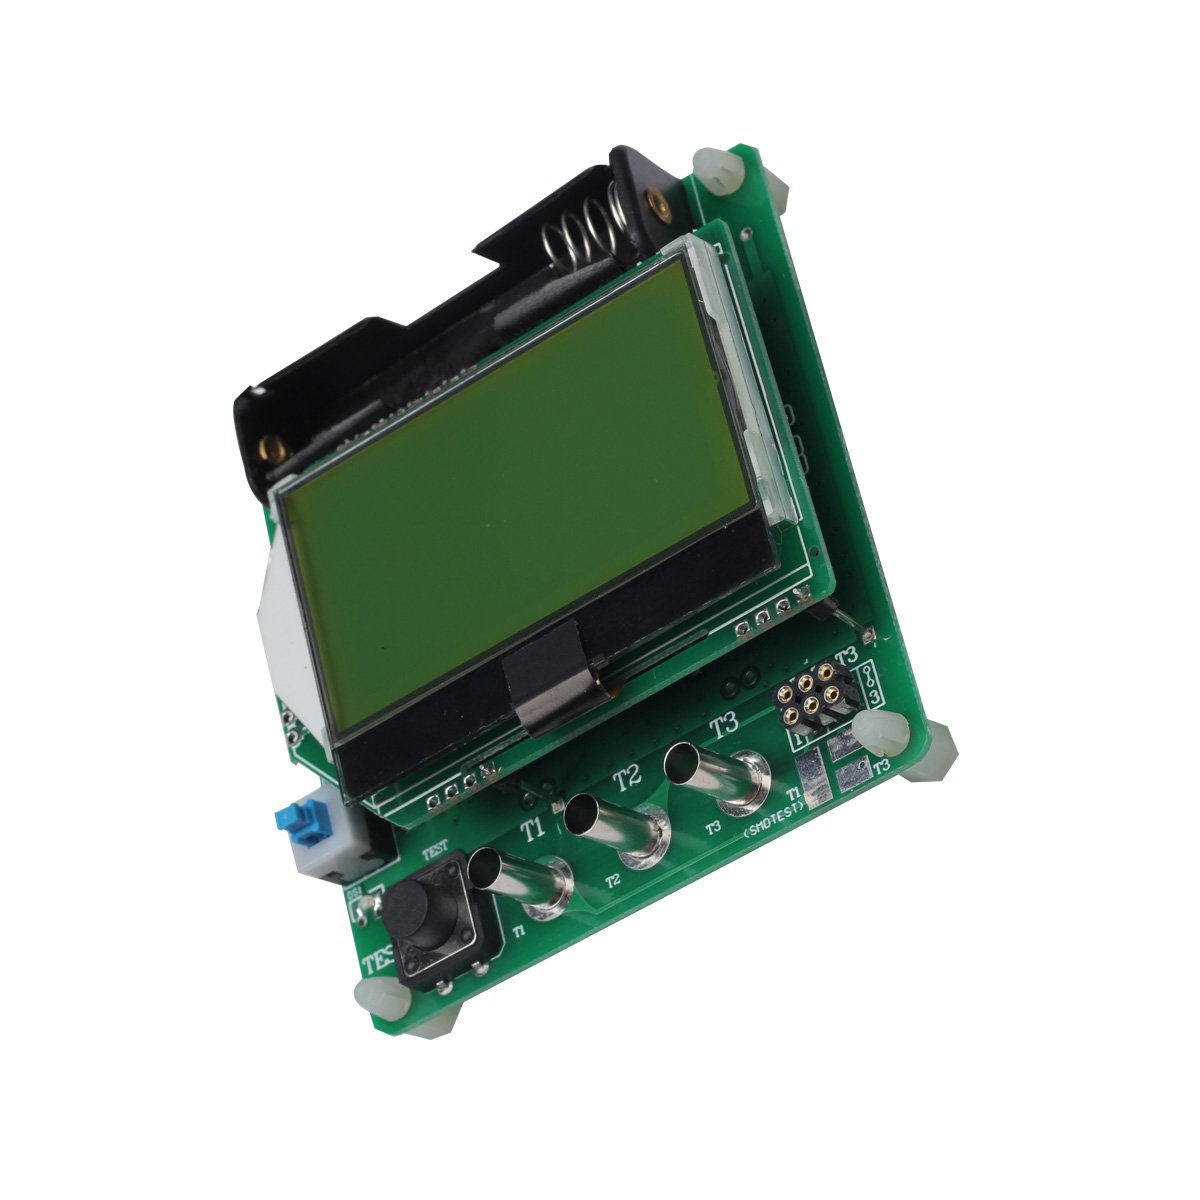 Bside Esr02 Digital Transistor Tester Capacitance Diode Triode Circuit Inductance Multimeter Mosfet Esr Meter